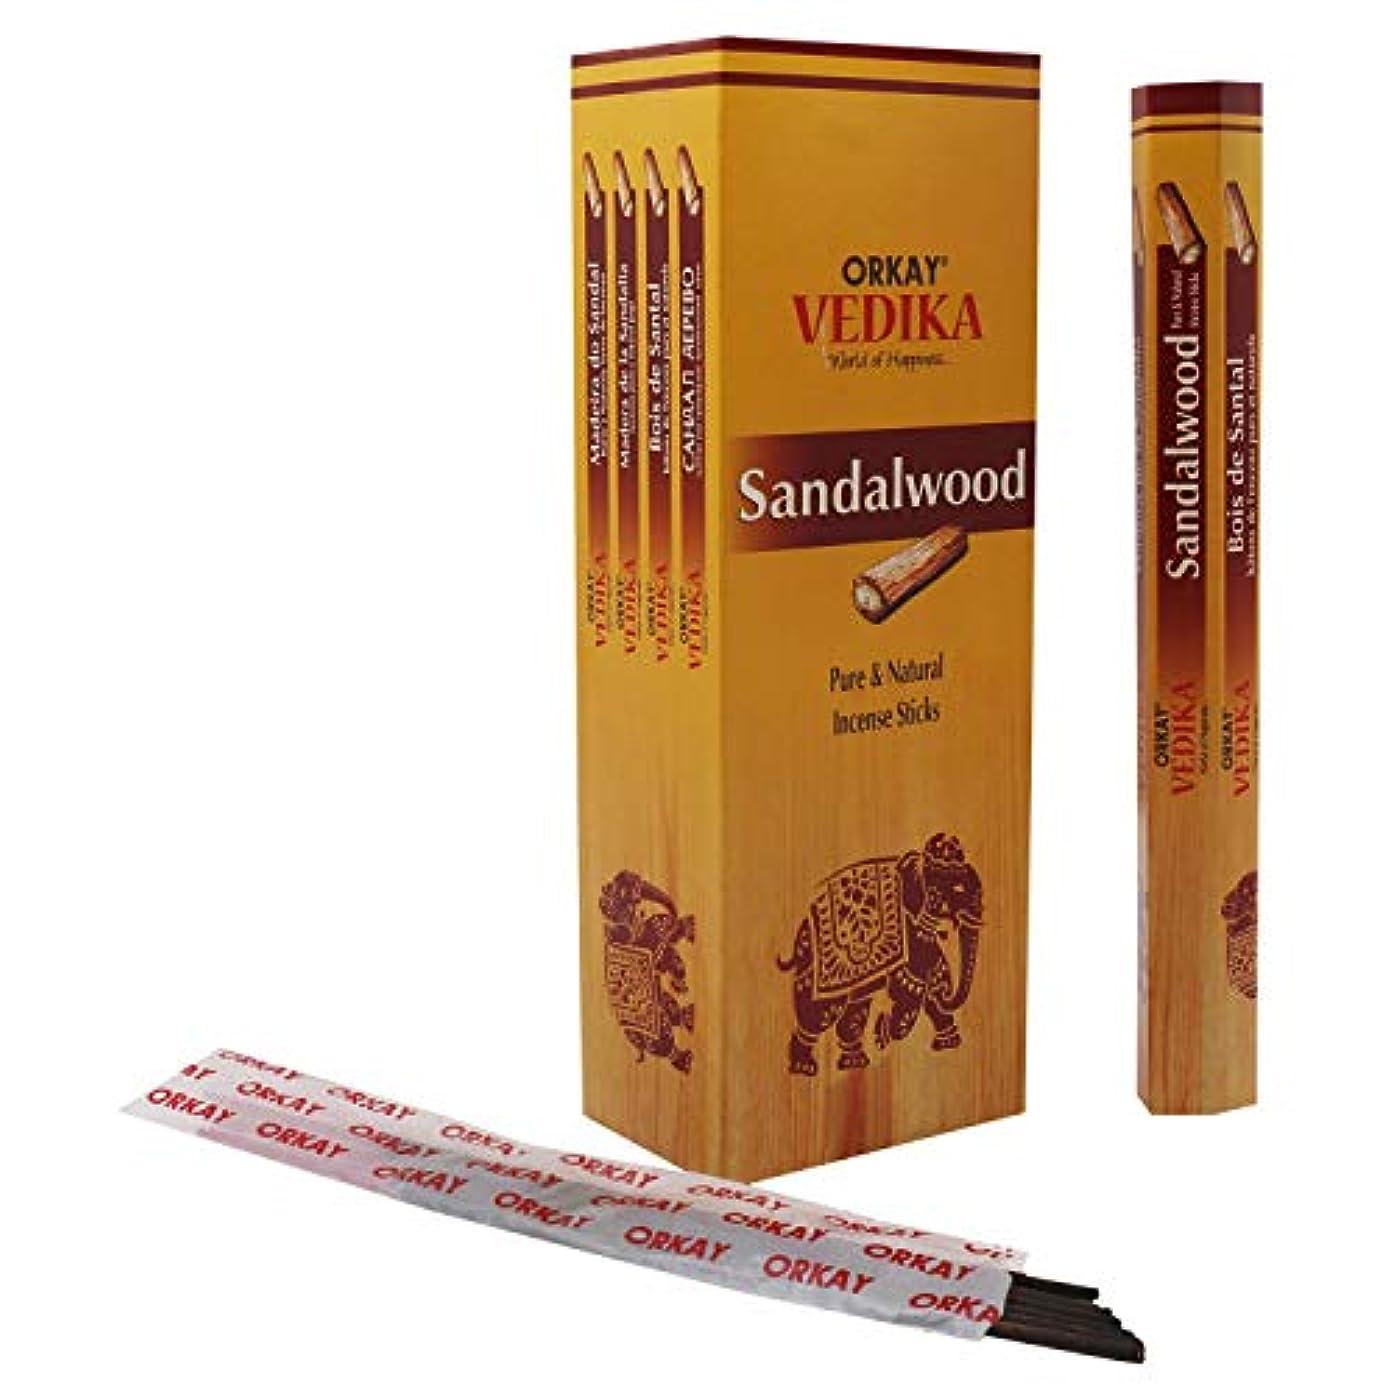 禁止さまようトレイOrkay Vedika Sandalwood 6 pkt of 20 gm Each (Contains 96 Incense Sticks/Natural Agarbatti)